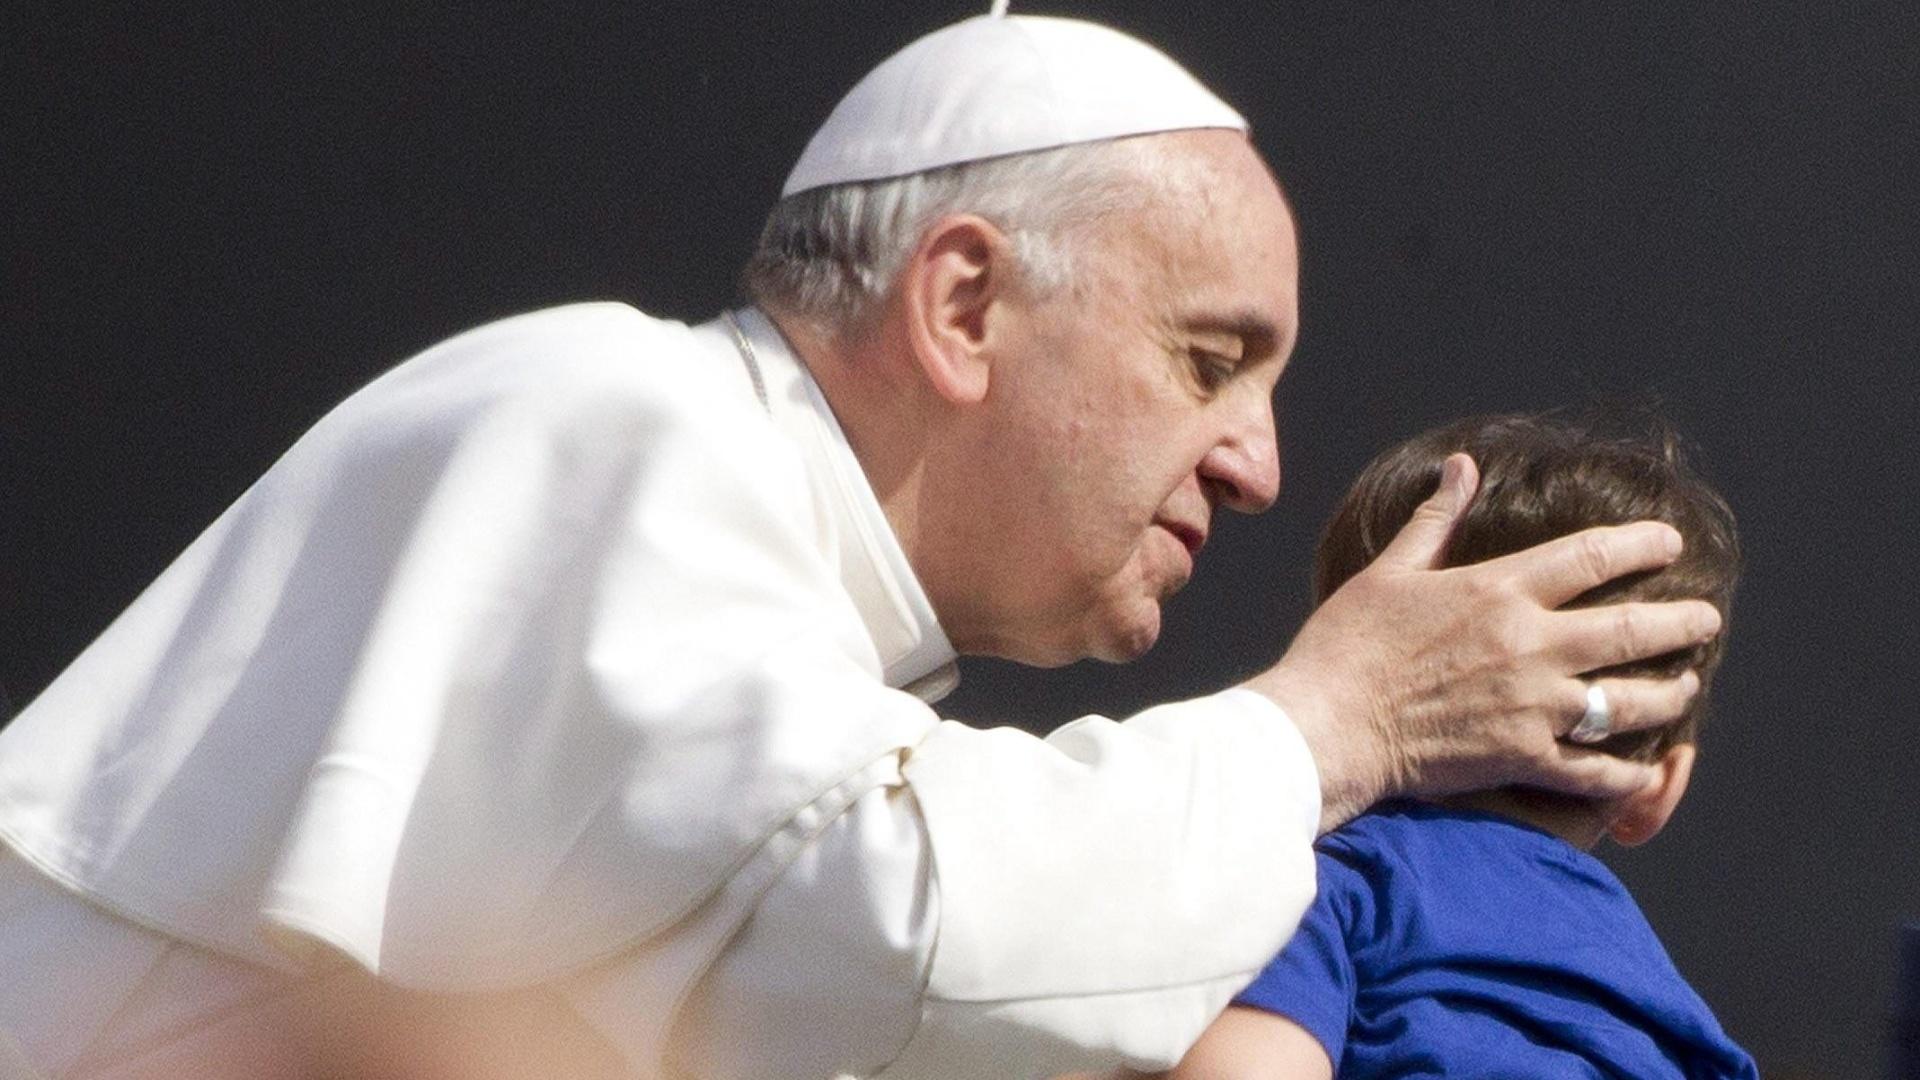 El Papa muestra su cercanía espiritual a México